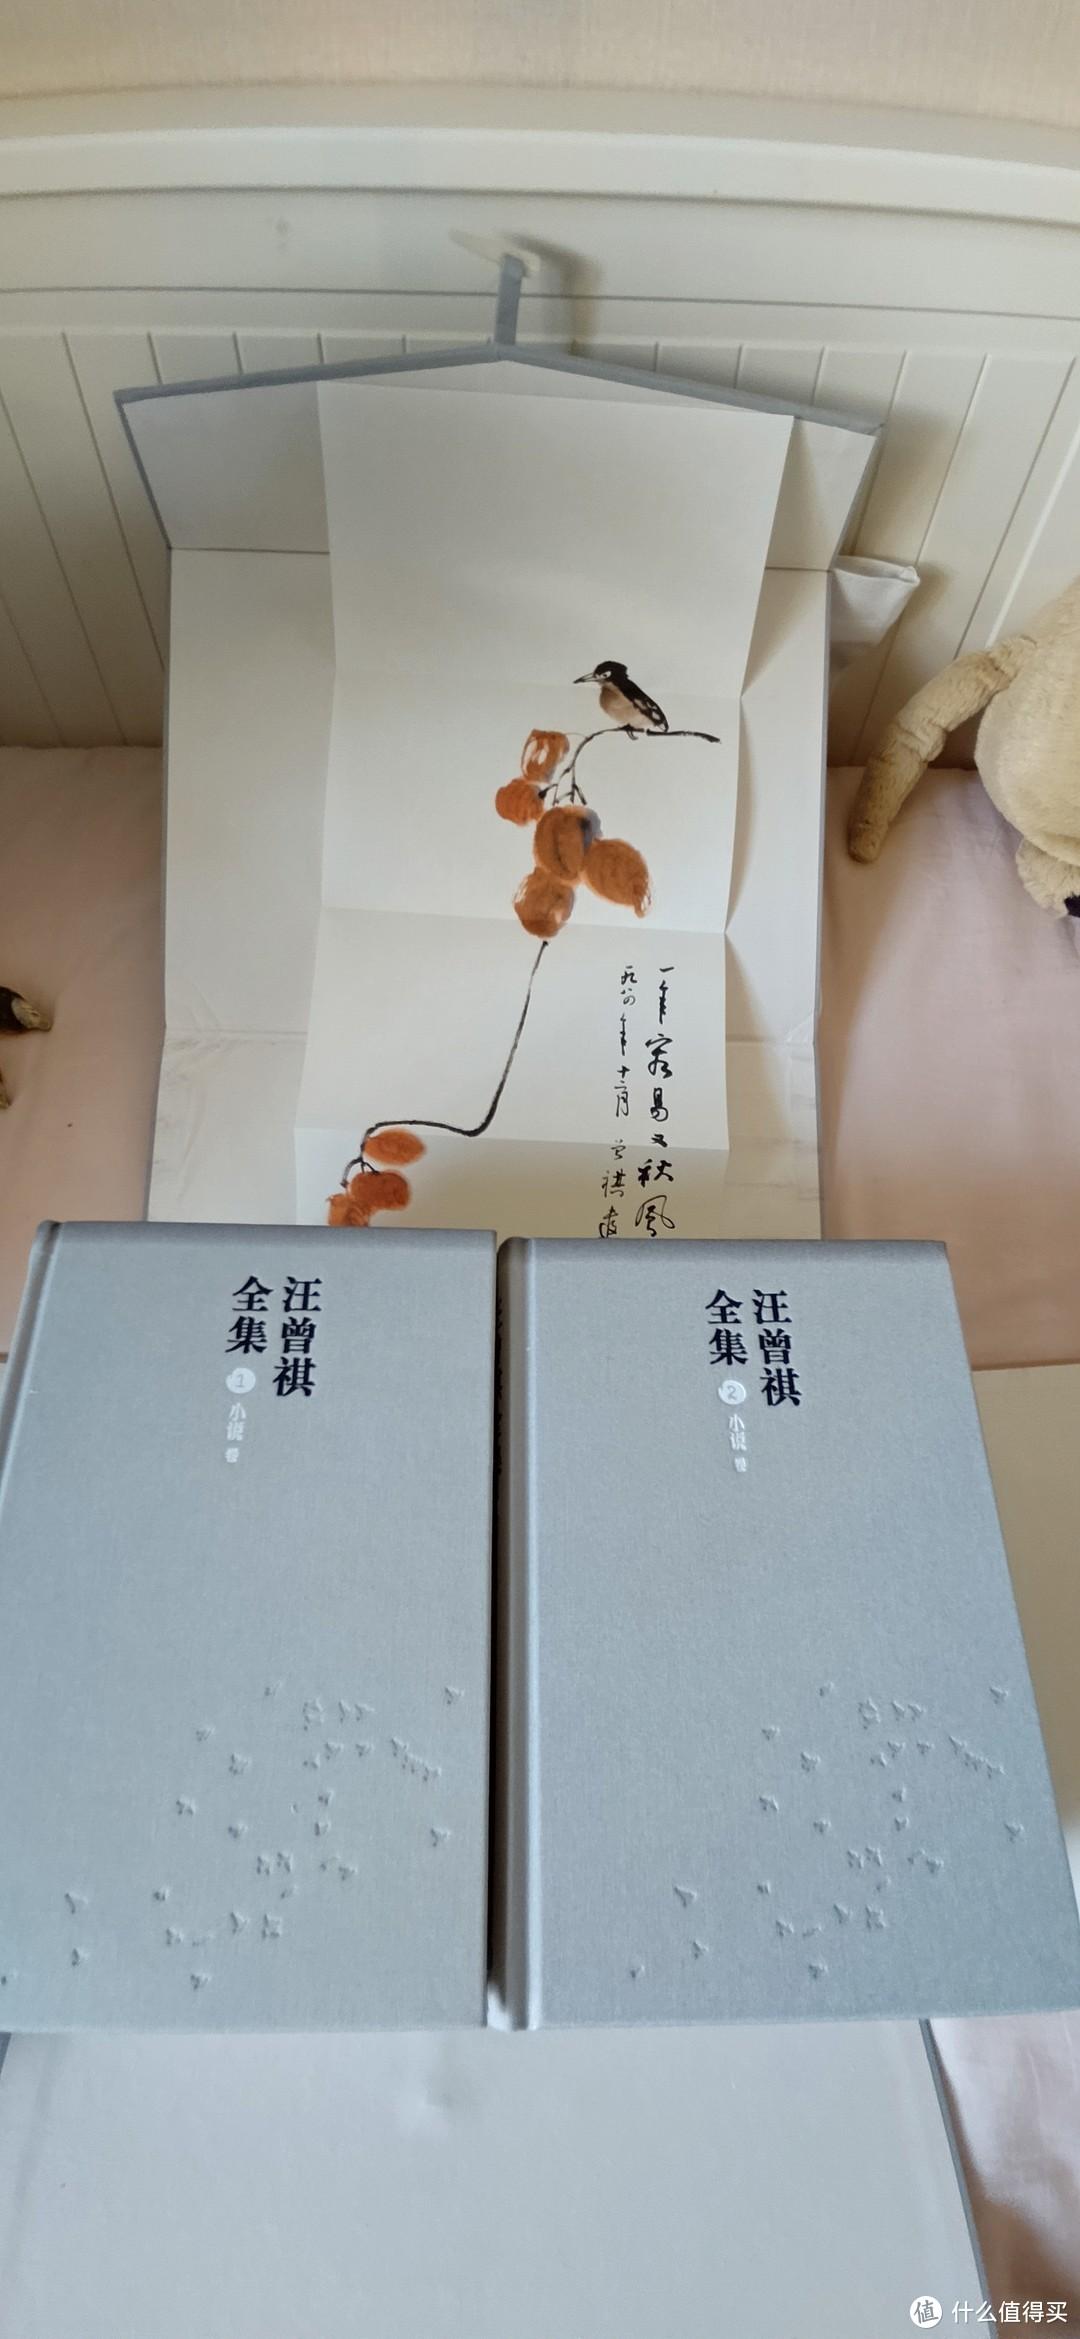 一幅汪老的画(印制品):一年容易又秋风(陆游《宴西楼》)